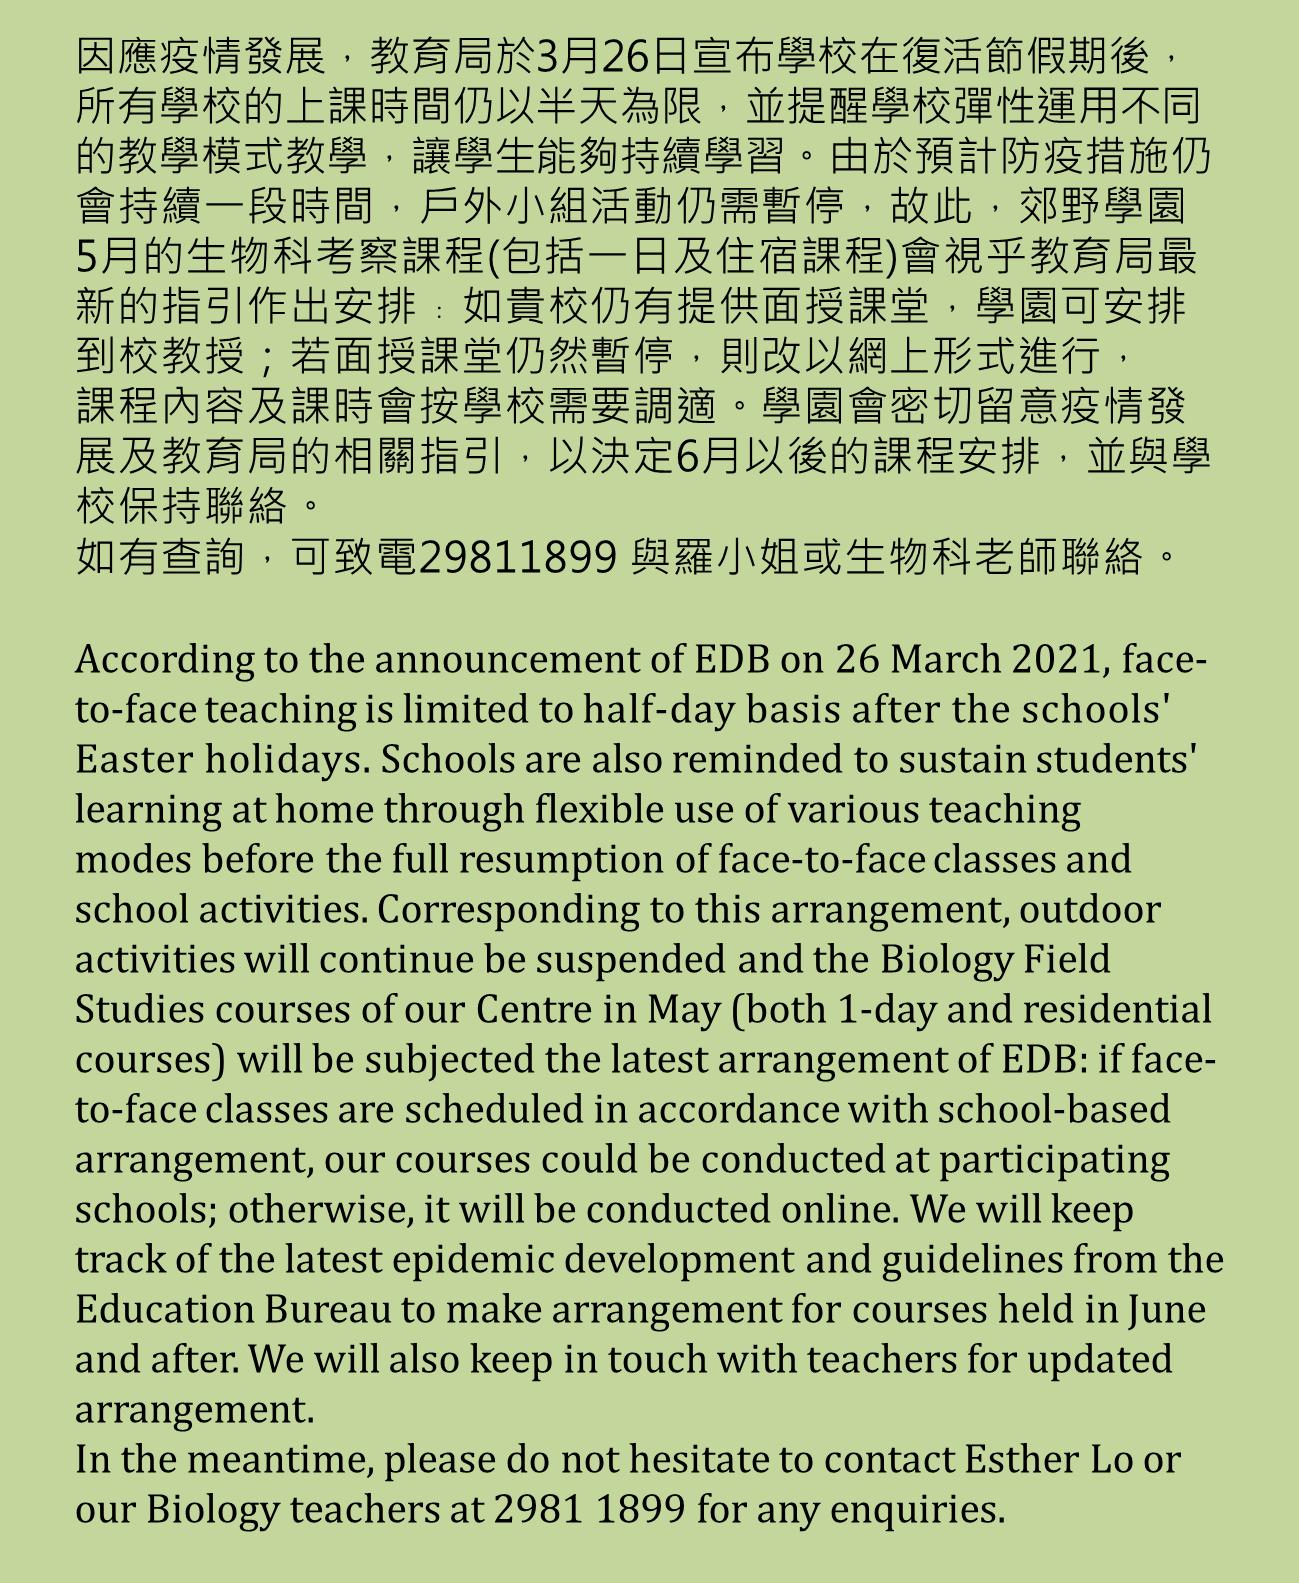 202105-bio-green